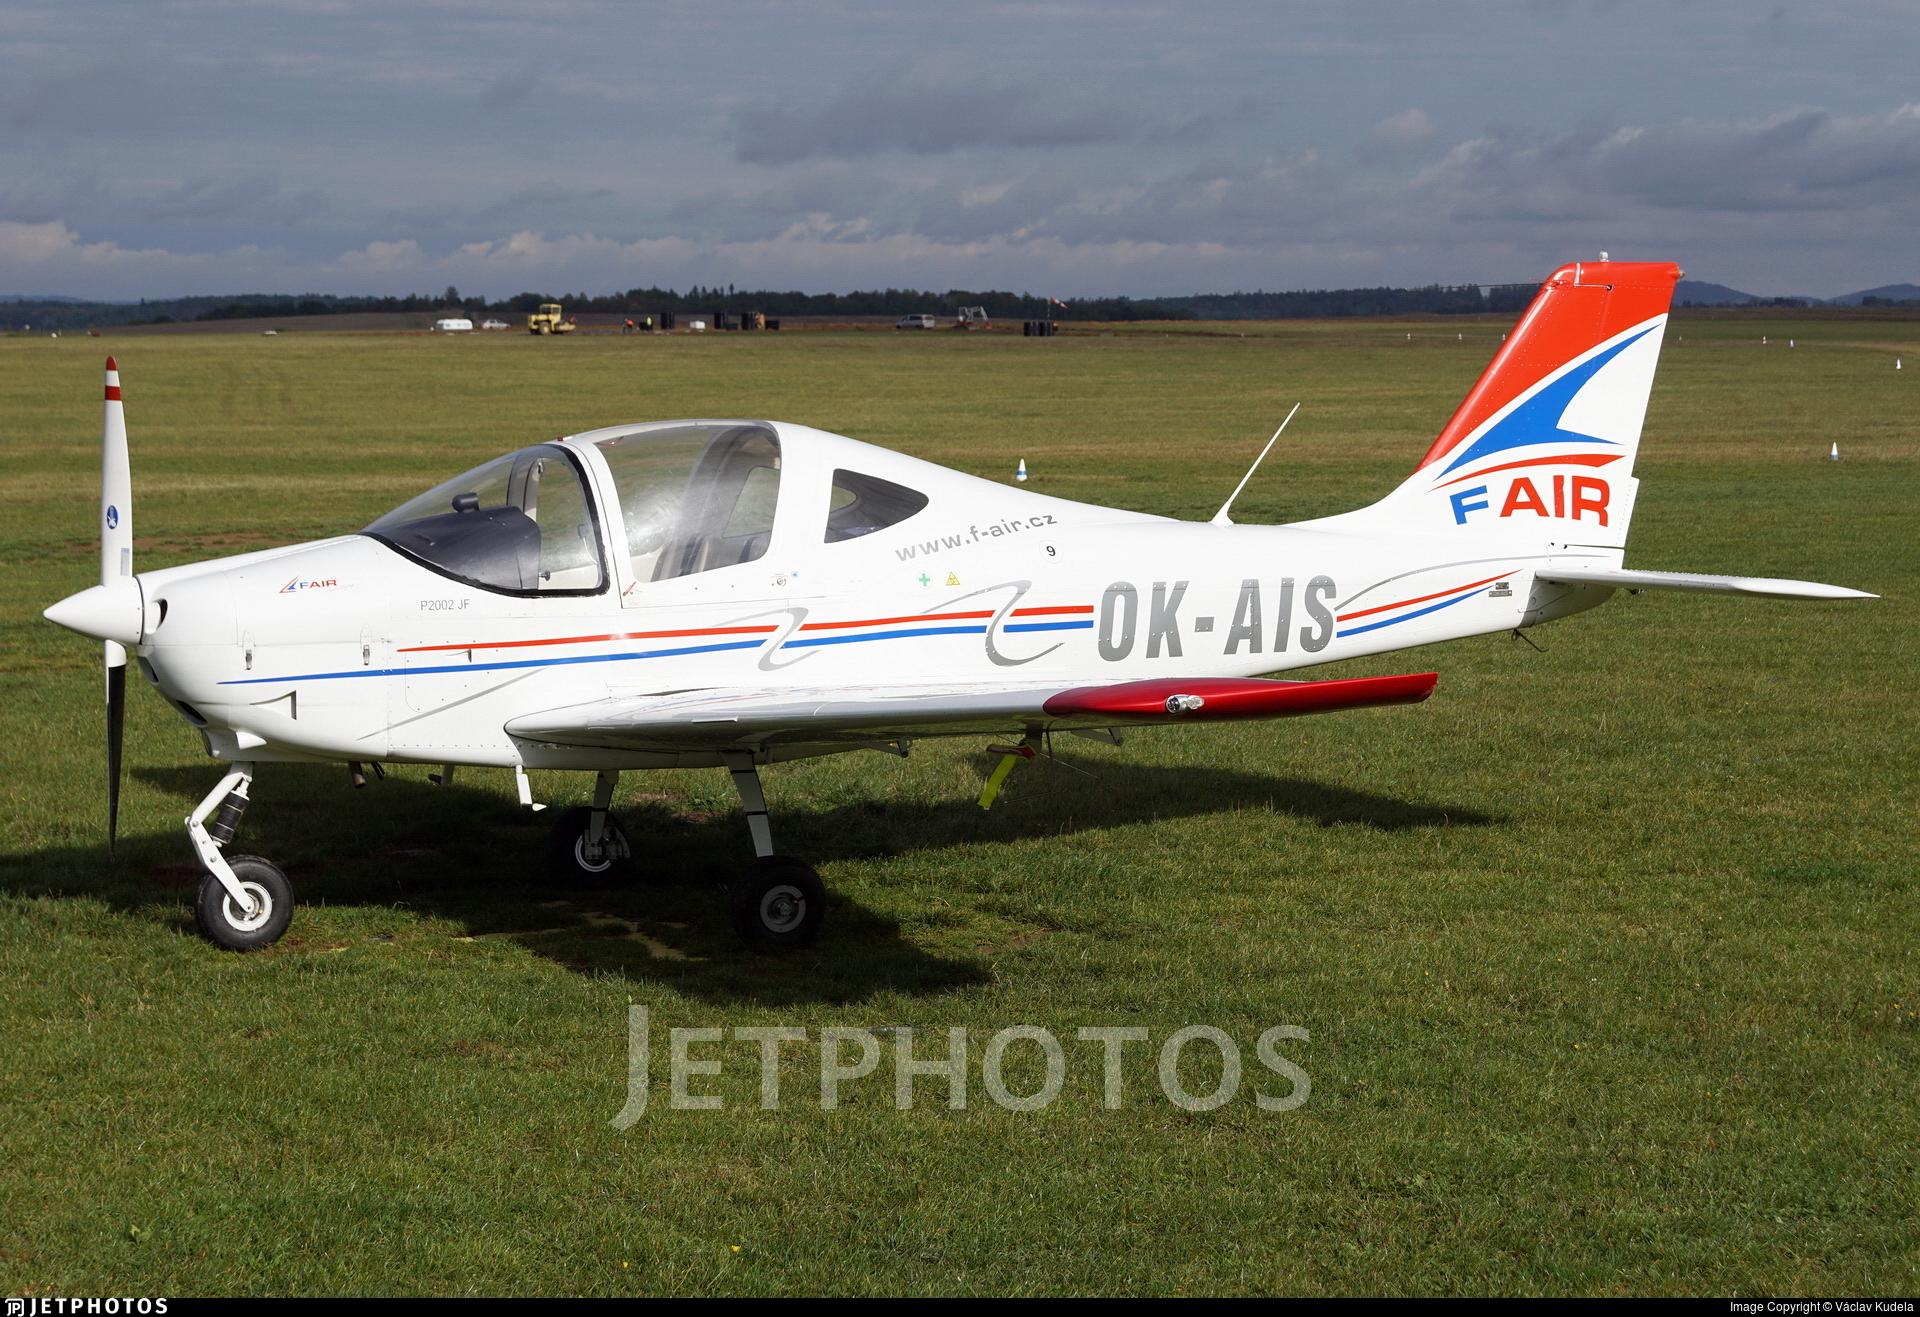 OK-AIS - Tecnam P2002JF Sierra - F Air